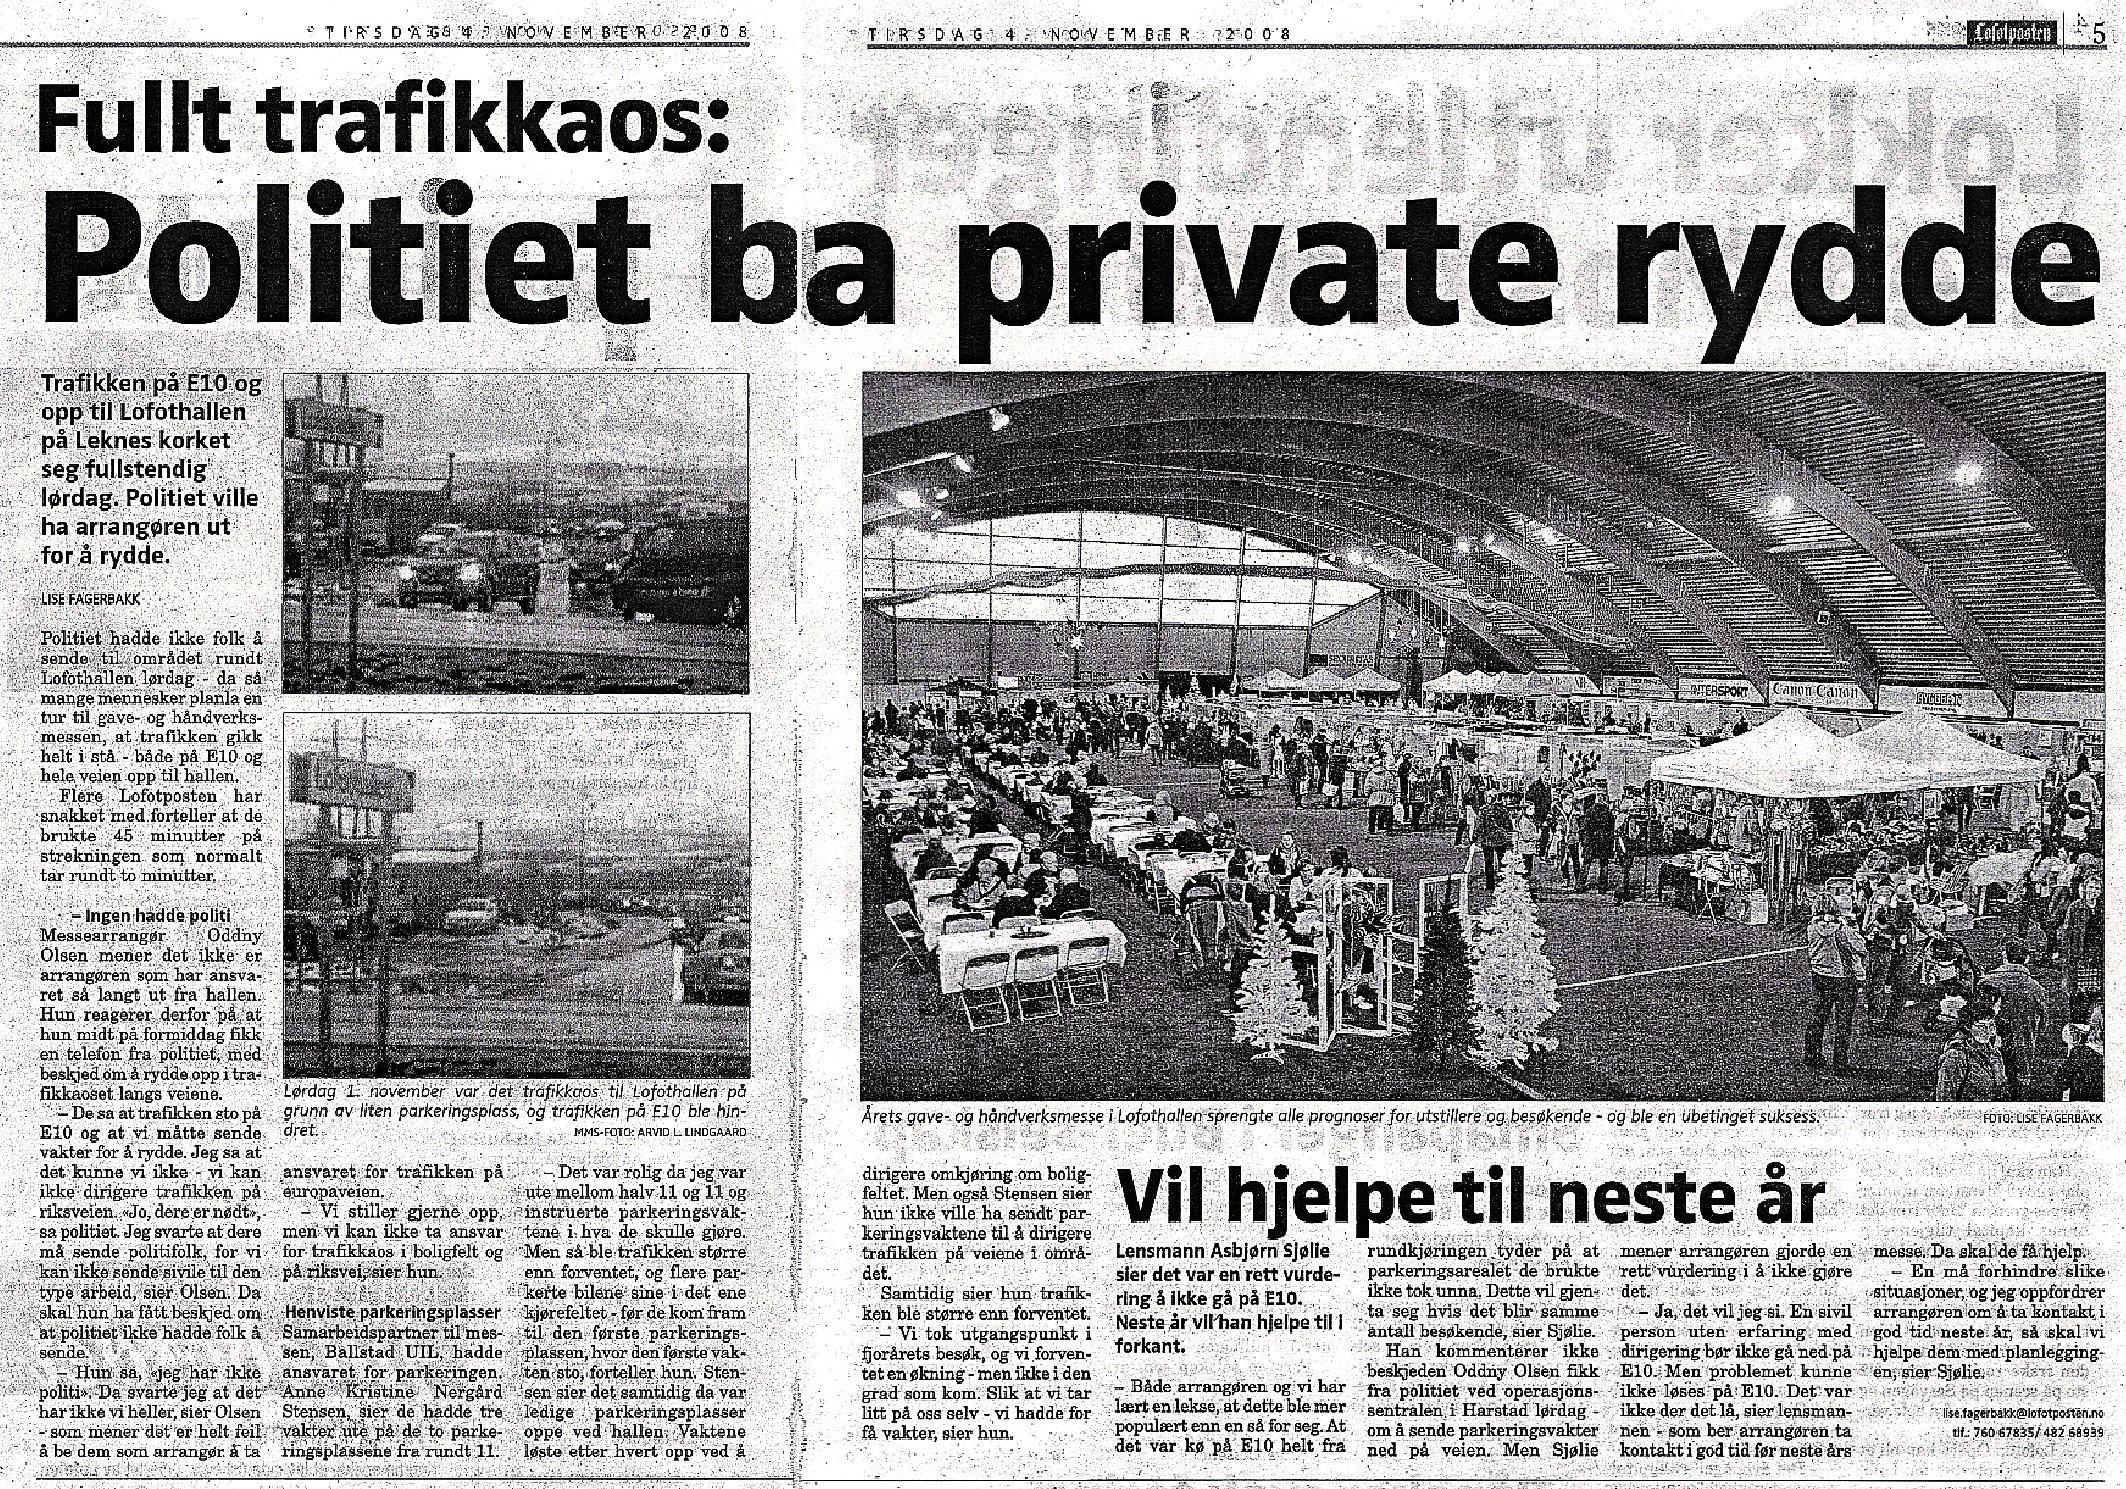 2008 avis-03-01.jpg